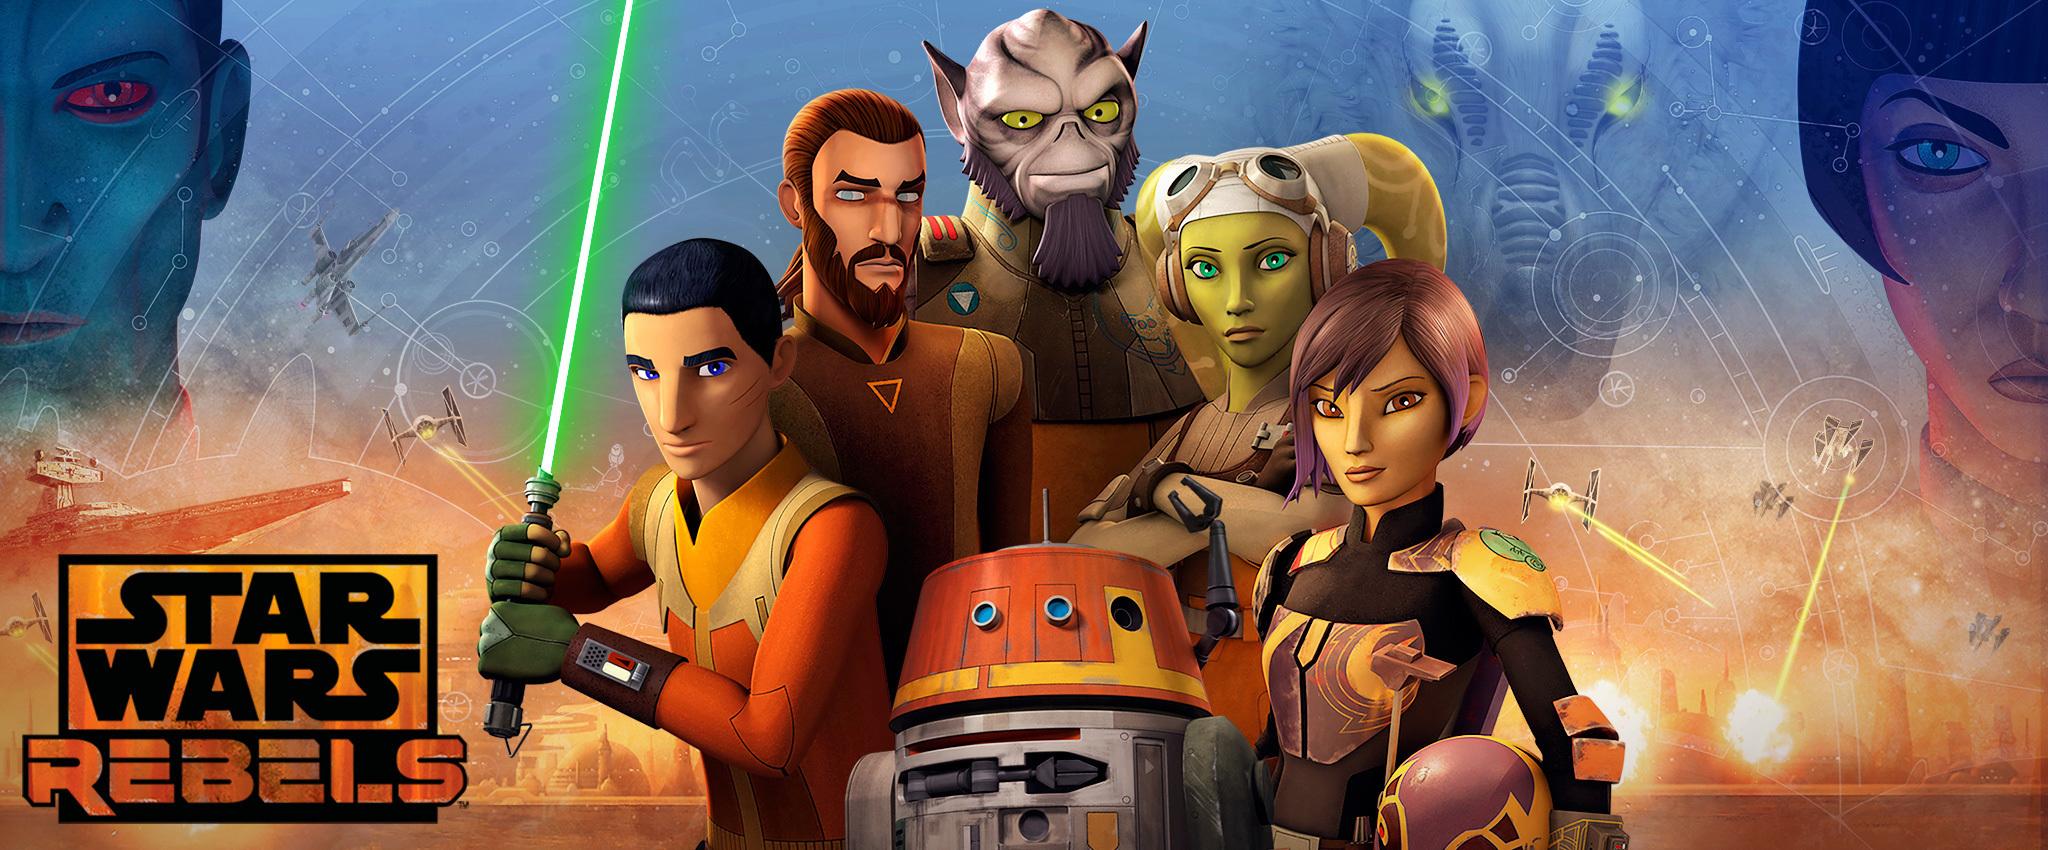 star-wars-rebels-series-finale.jpeg